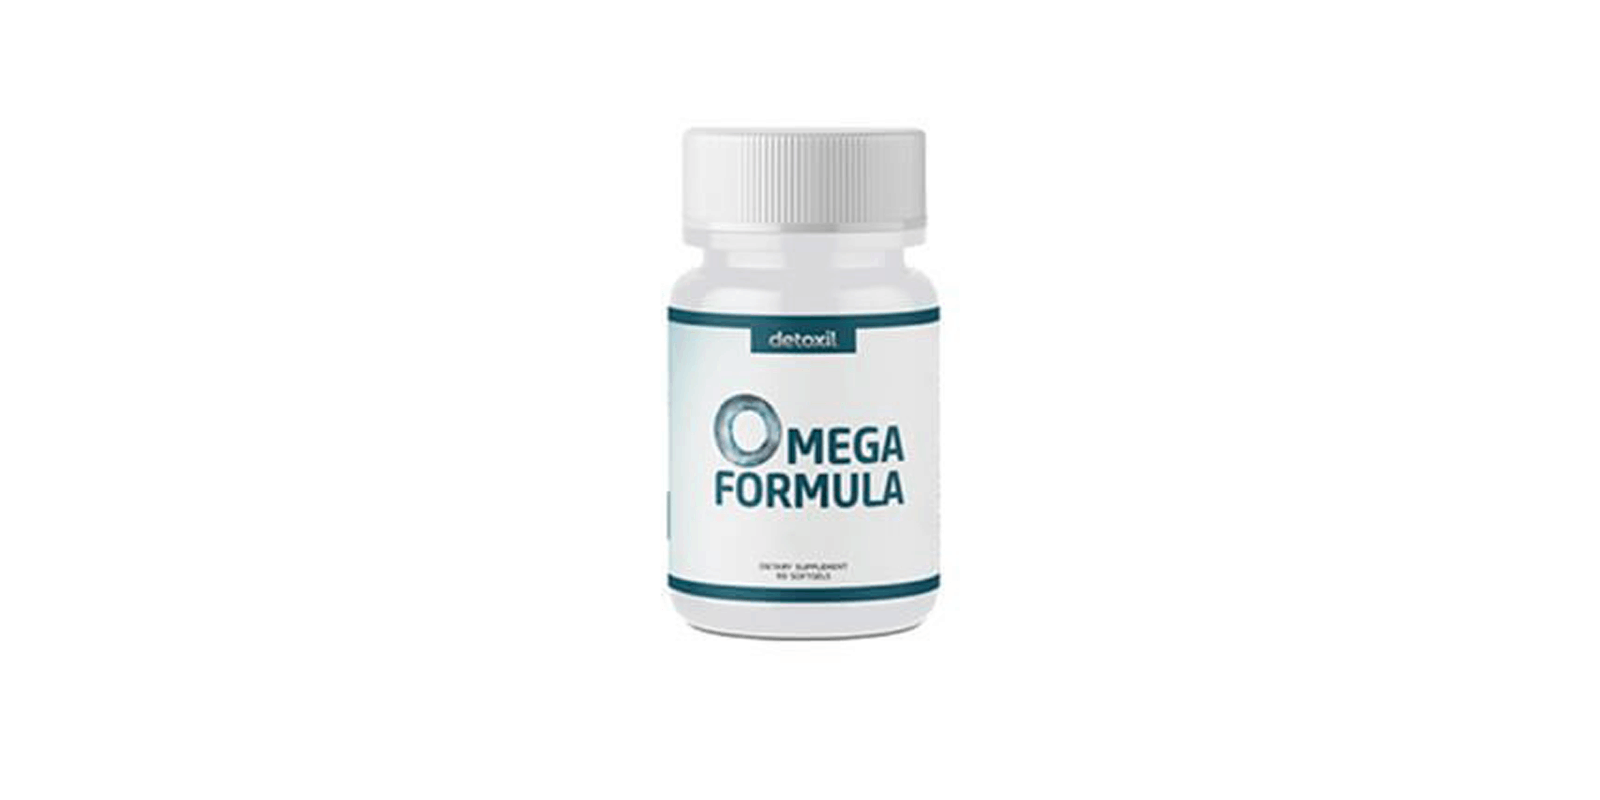 Detoxil Omega Formula reviews